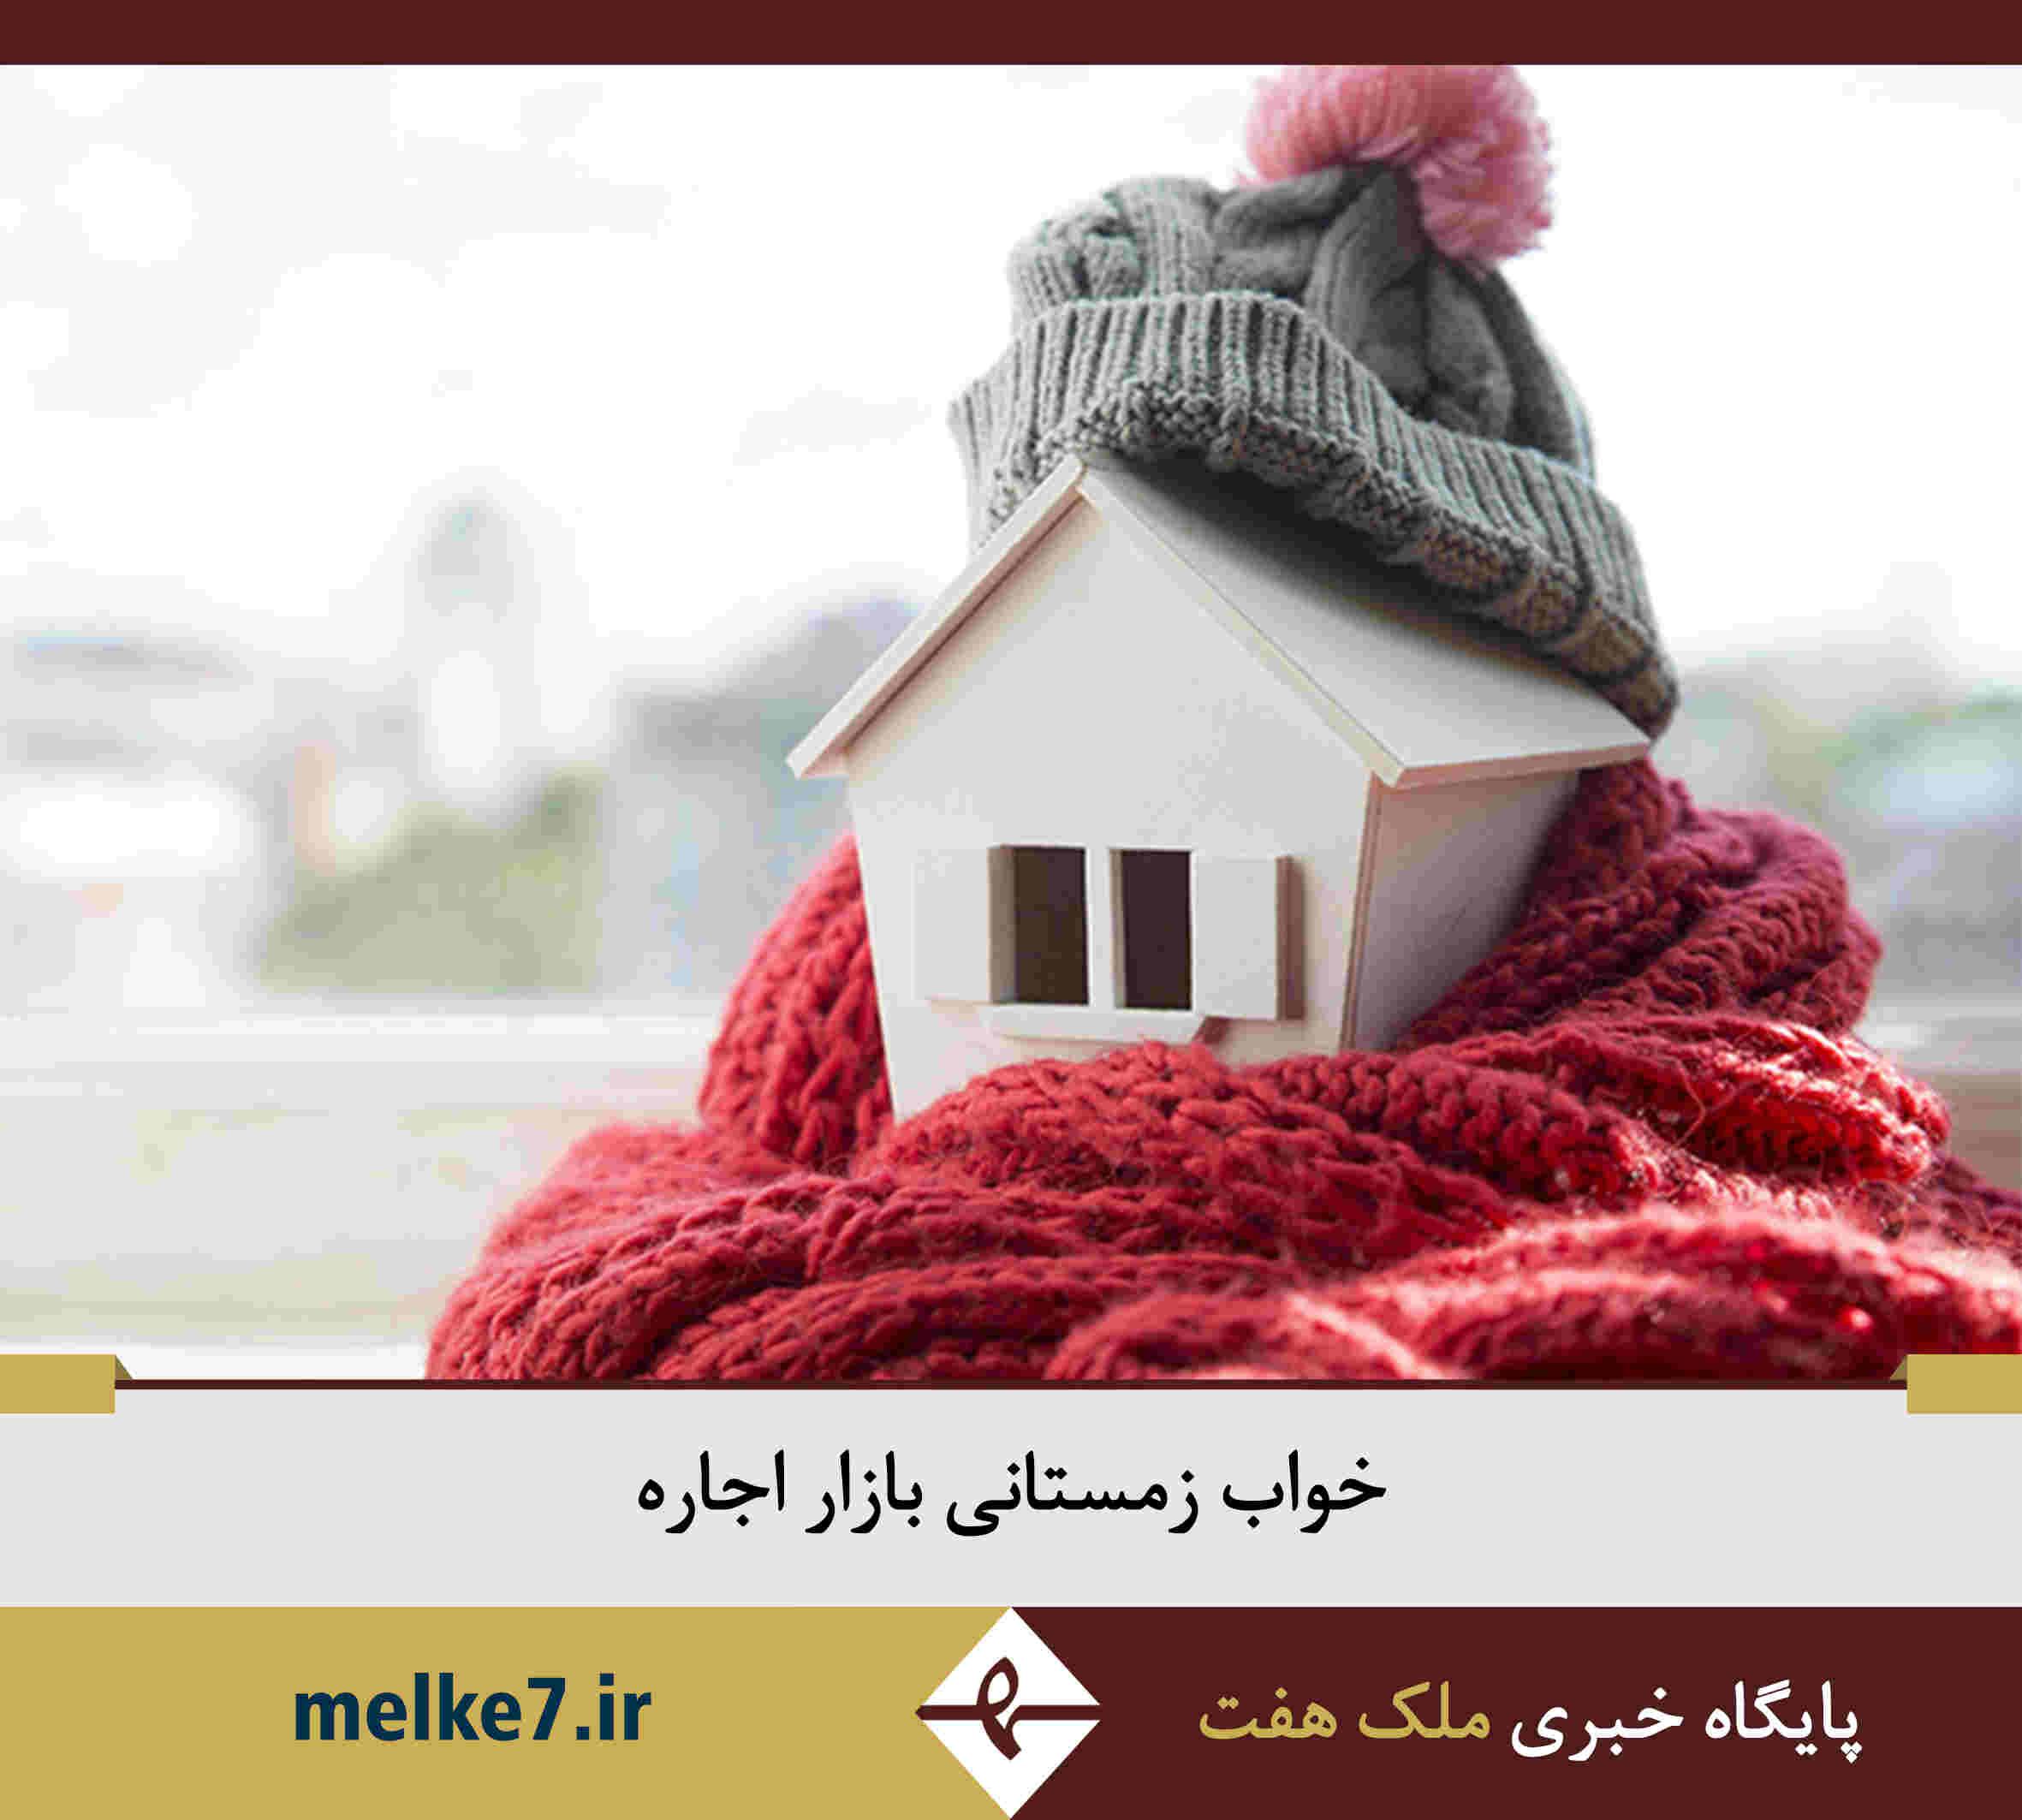 خواب زمستانی بازار اجاره